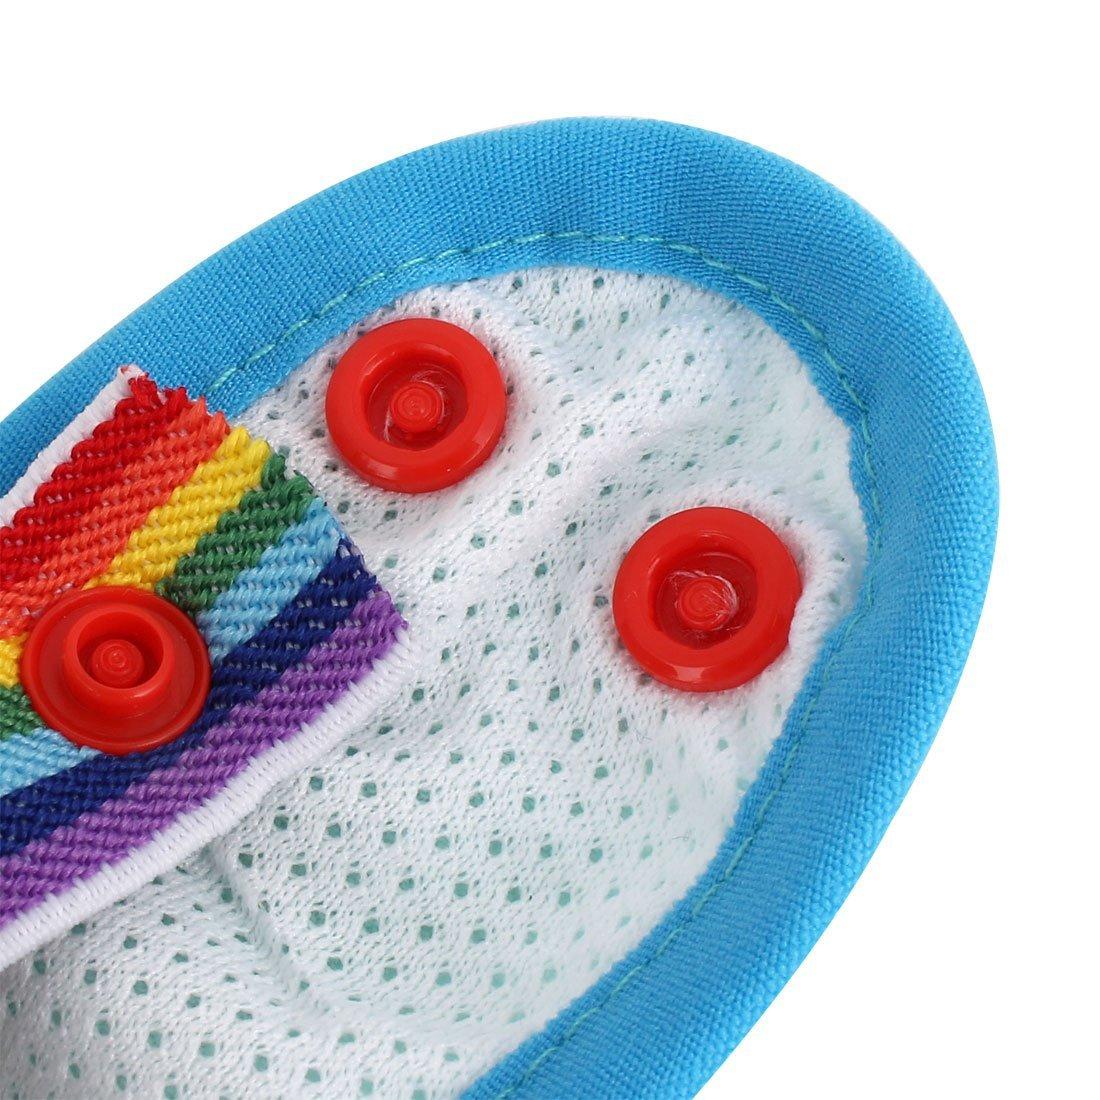 Amazon.com : eDealMax Mezclas de algodón Para mascotas Puntos Sanitaria bragas de la ropa Interior del perrito del perro del pañal Pantalones Azules XS ...